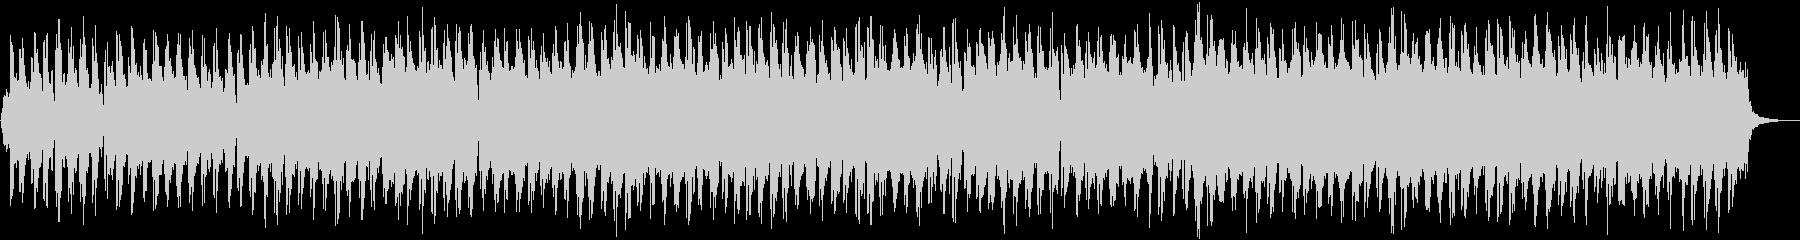 哀愁のあるオリジナルボサノバ曲の未再生の波形